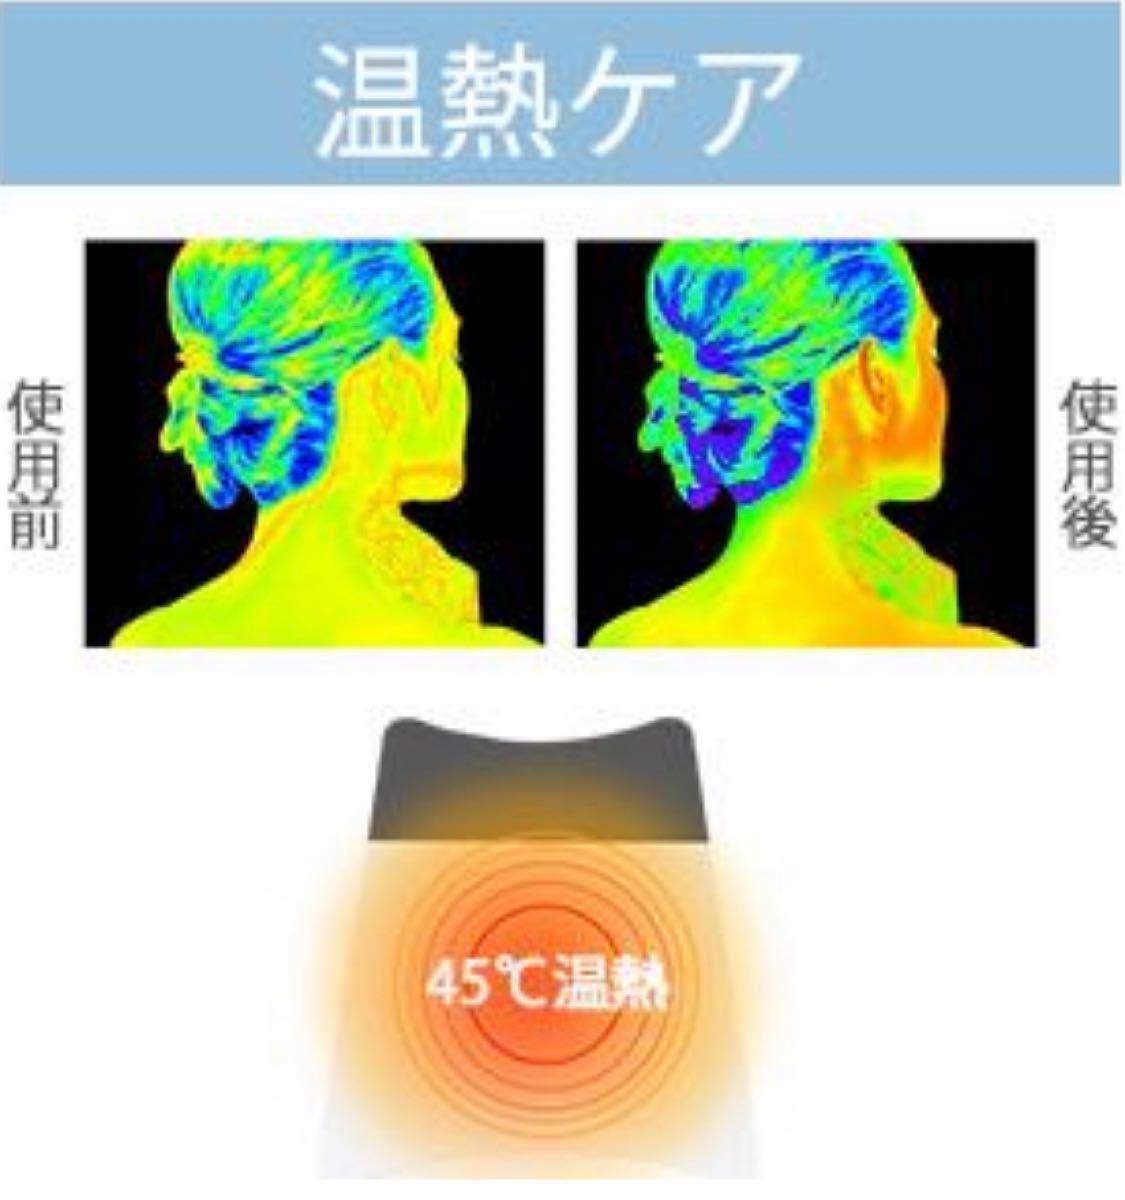 ウォーターピーリング 超音波 多機能美顔器 温熱ケア 毛穴クリーナー USB充電